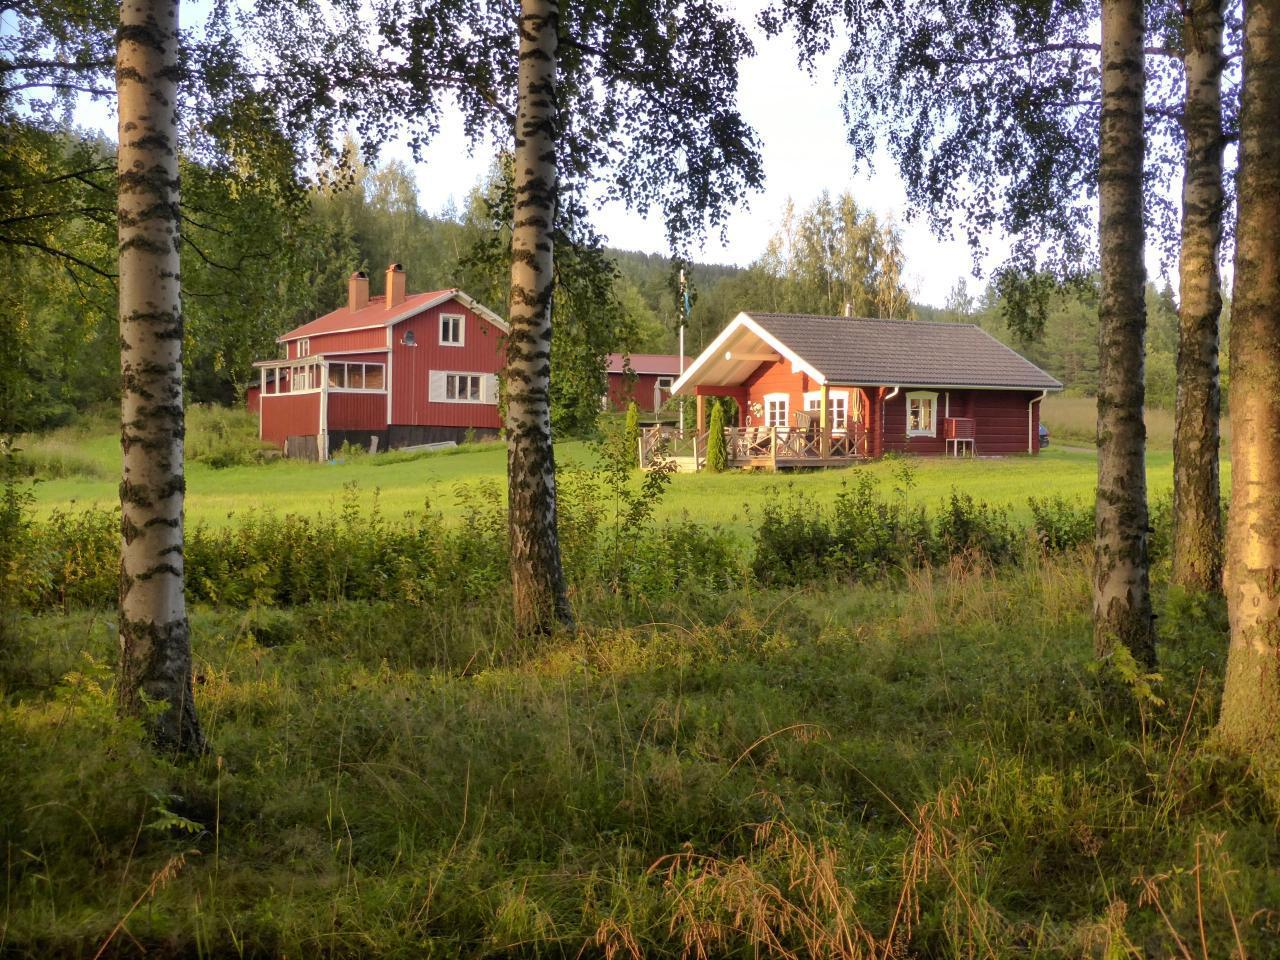 Ferienhaus am Växsjö in Sjörgrå (2545239), Bollnäs, Gävleborgs län, Nordschweden, Schweden, Bild 2